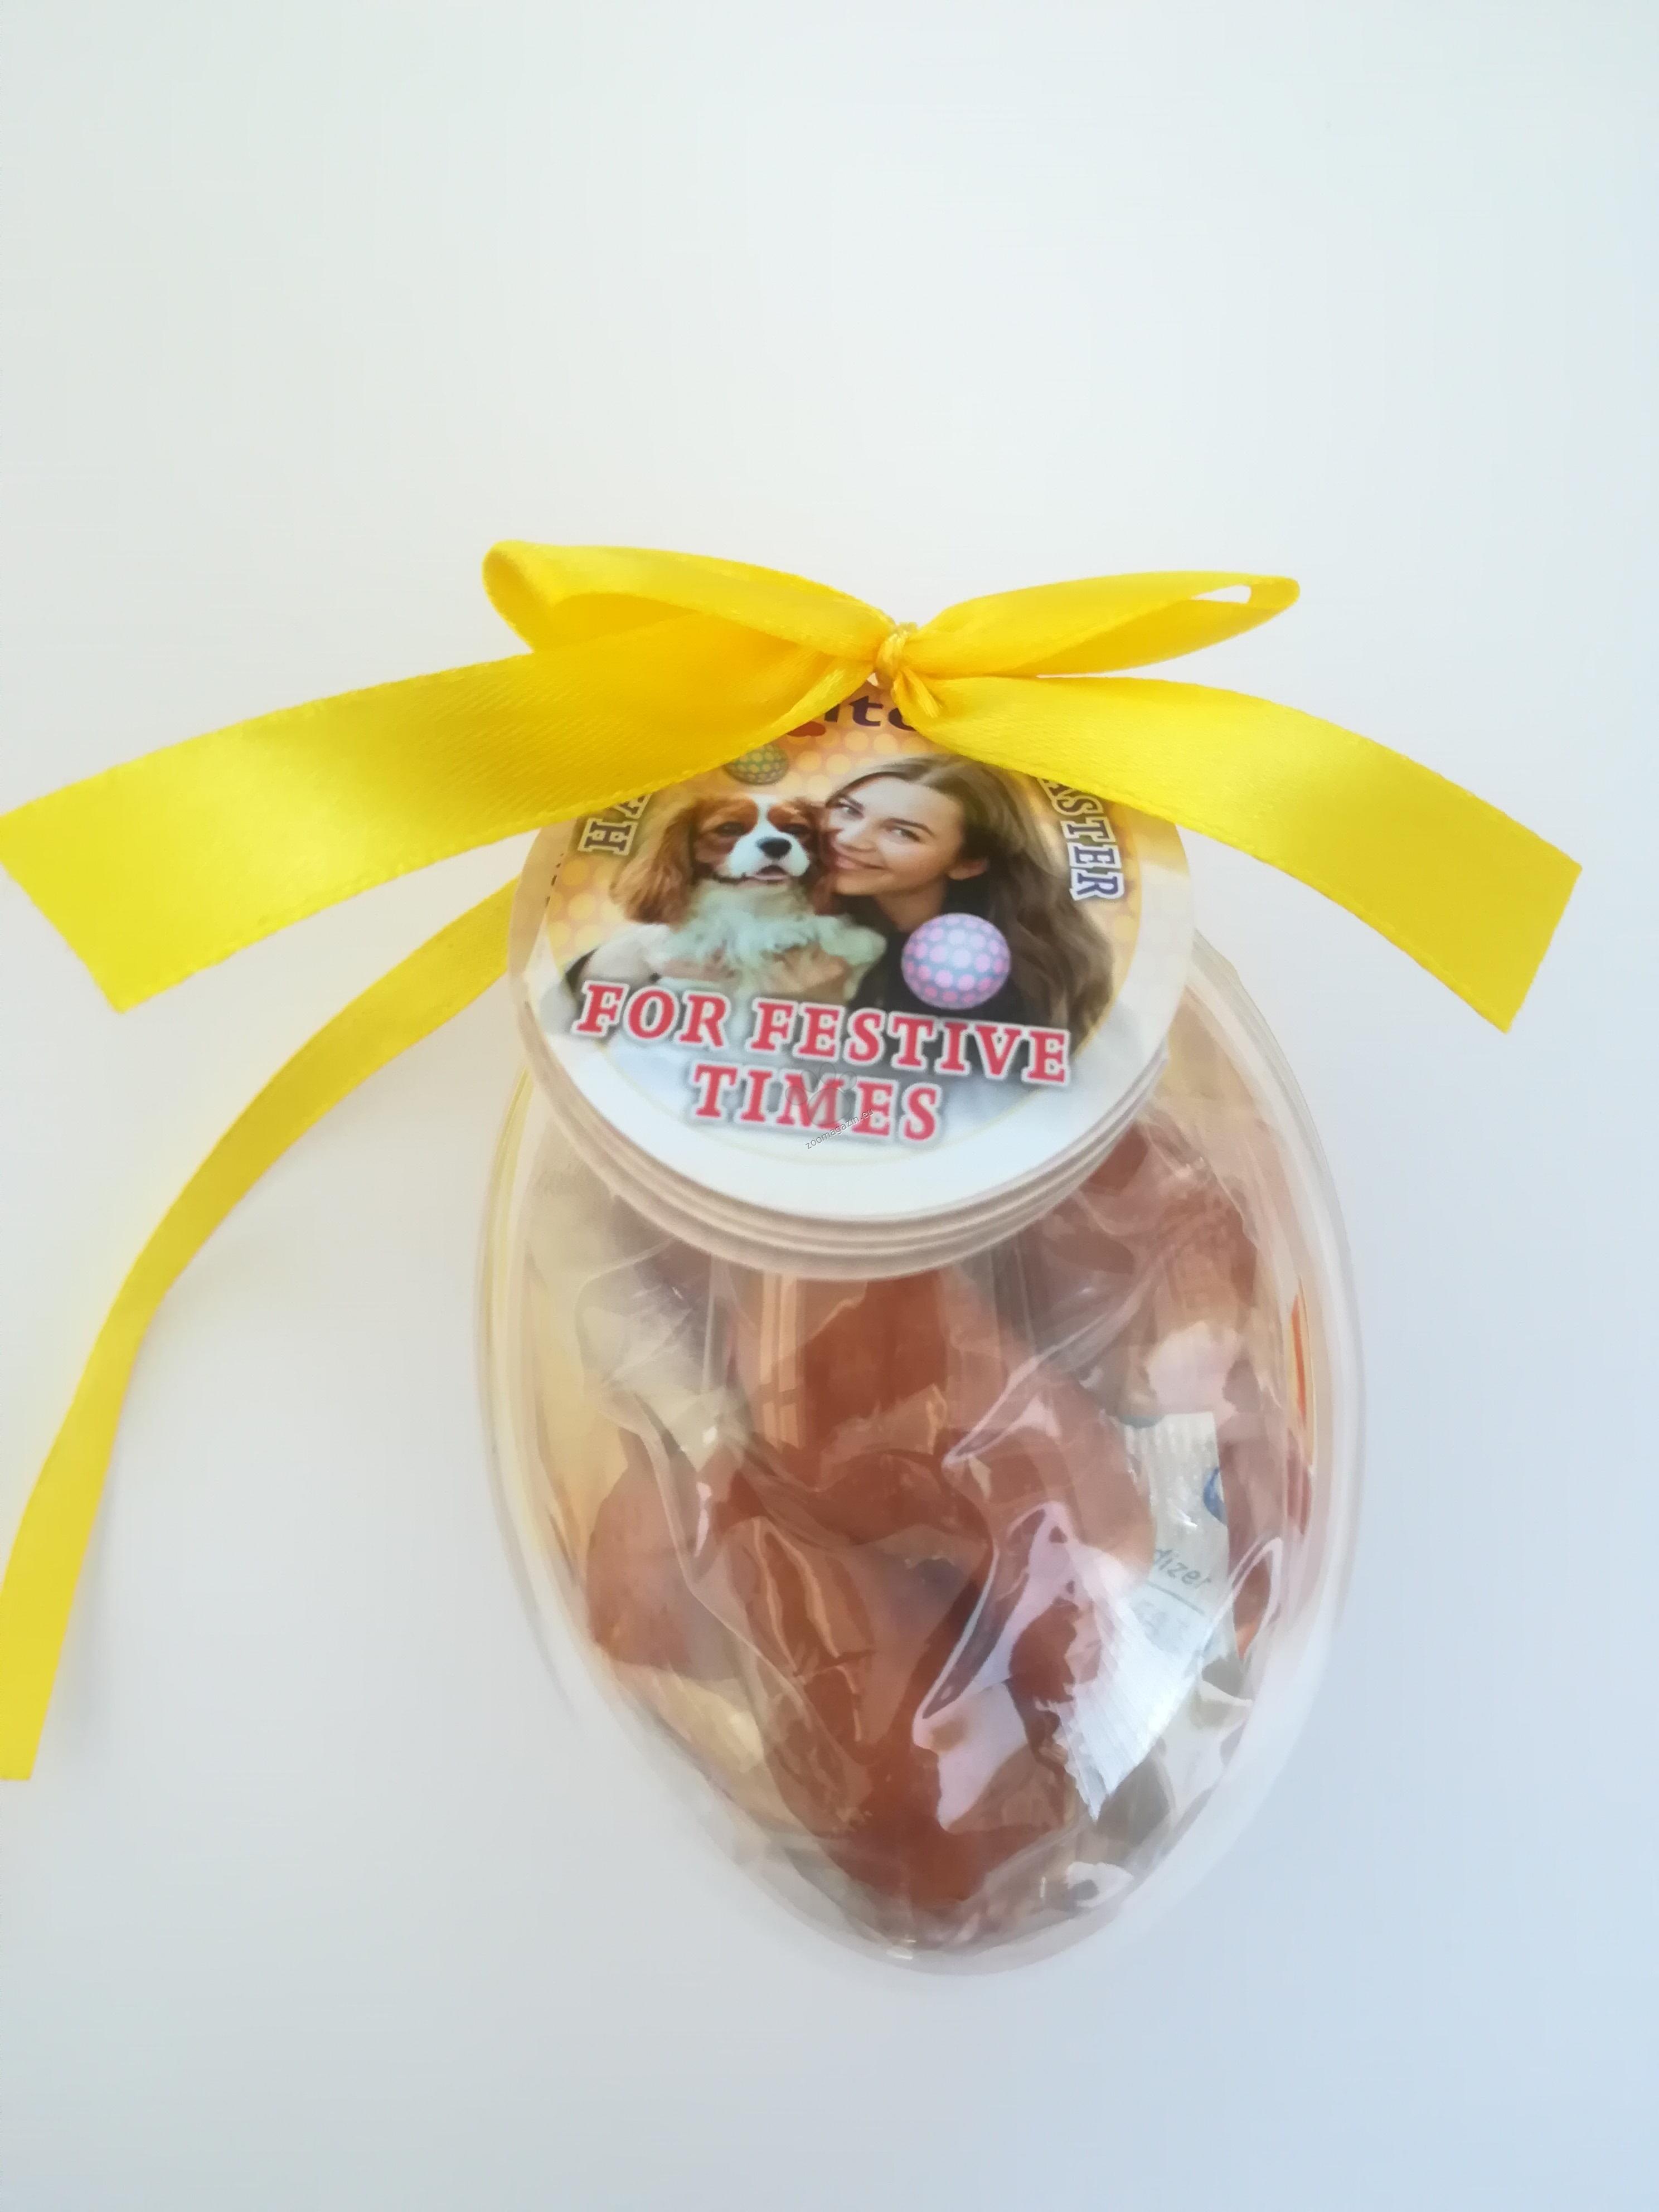 Antos Easter Egg - великденско яйце / бутчета / 100 гр.